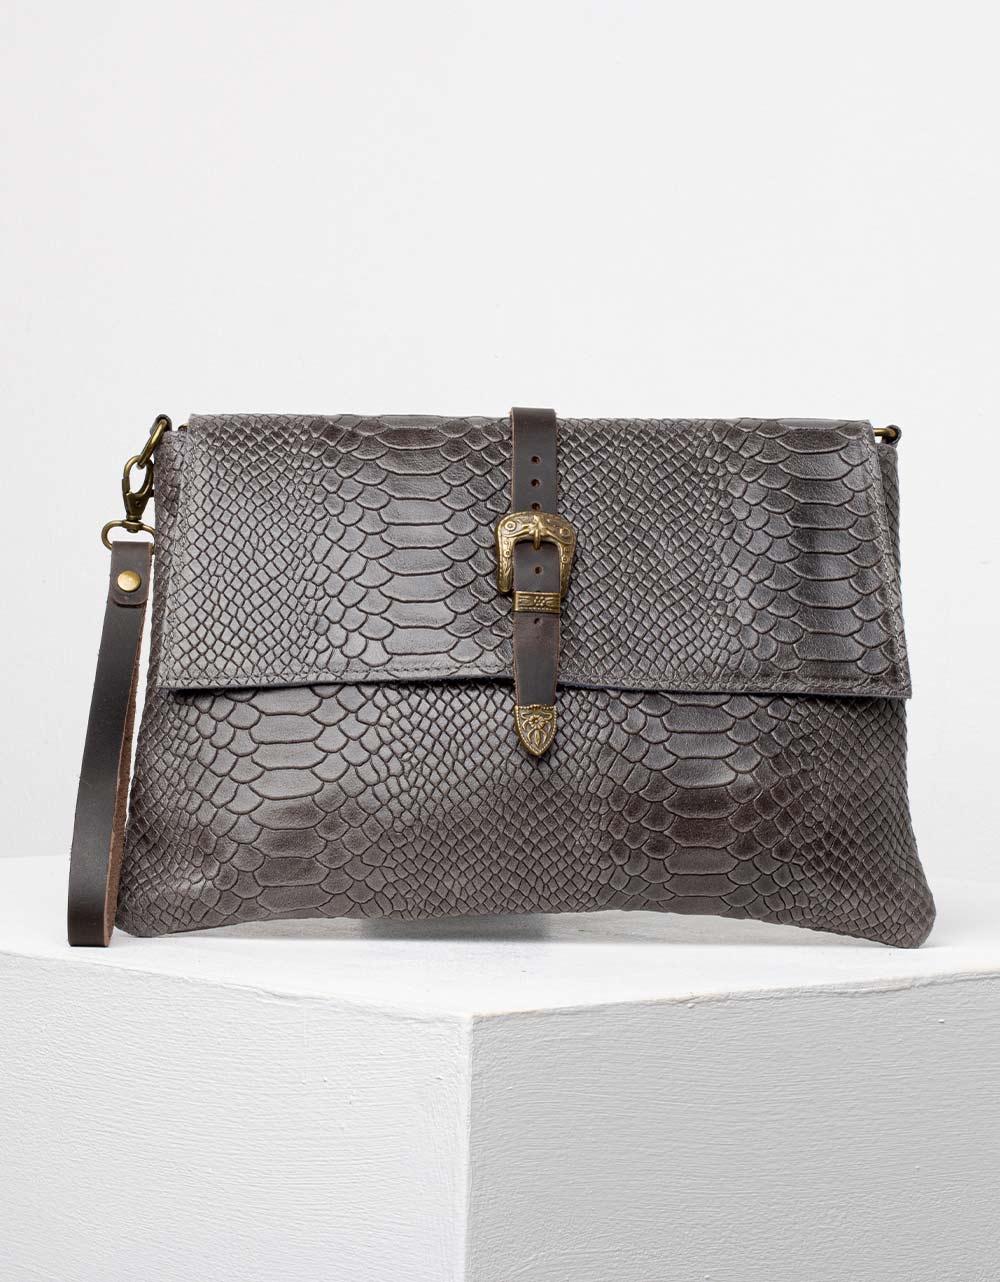 Εικόνα από Γυναικεία τσάντα φάκελος από γνήσιο δέρμα Γκρι